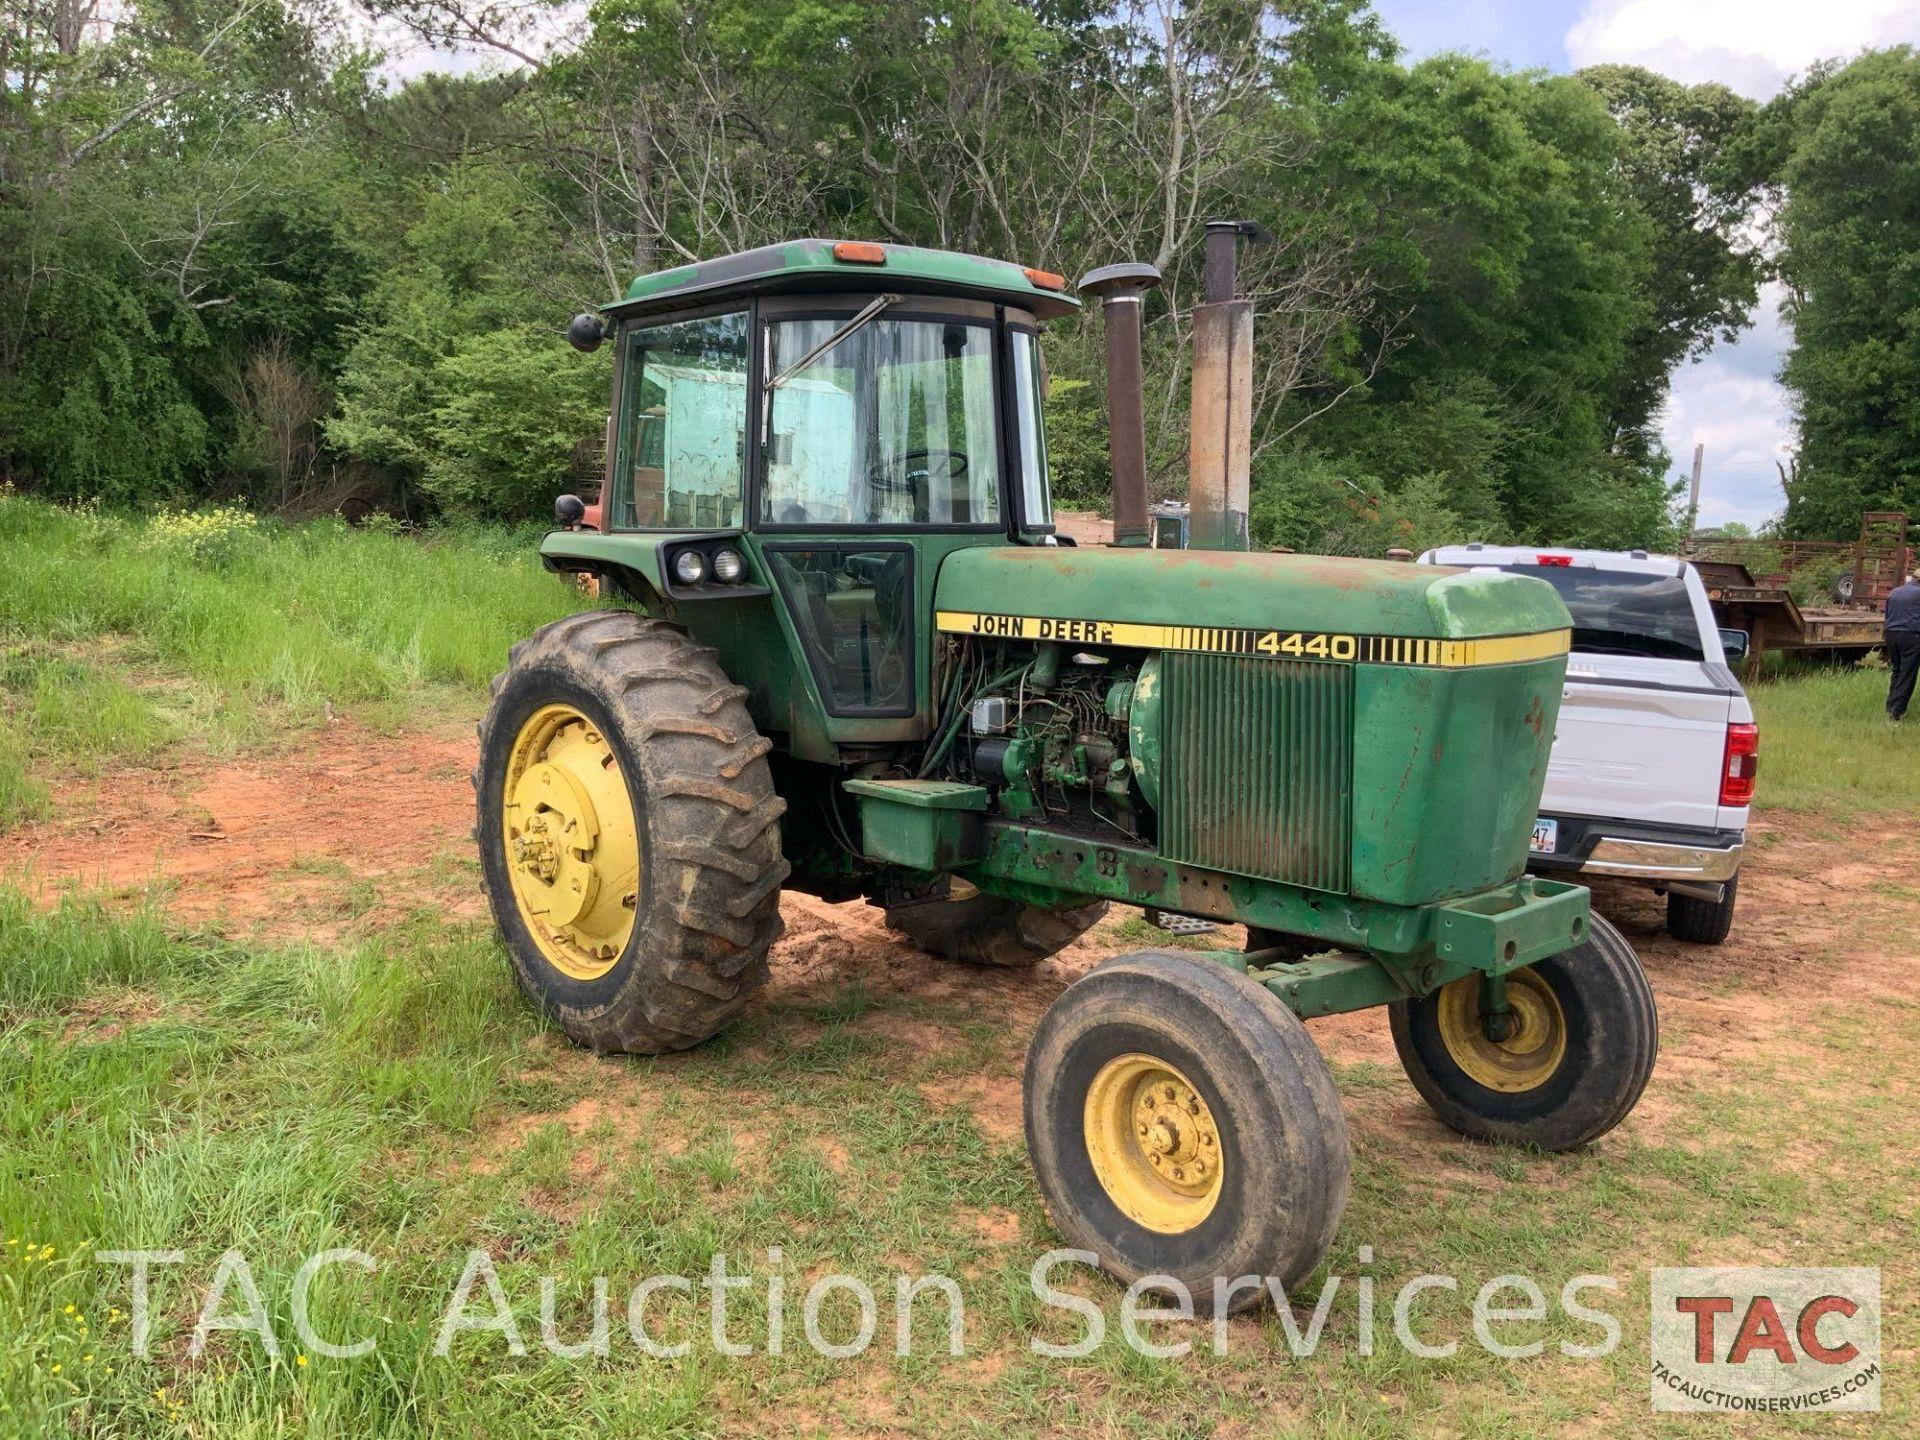 John Deere 4440 Tractor - Image 4 of 31